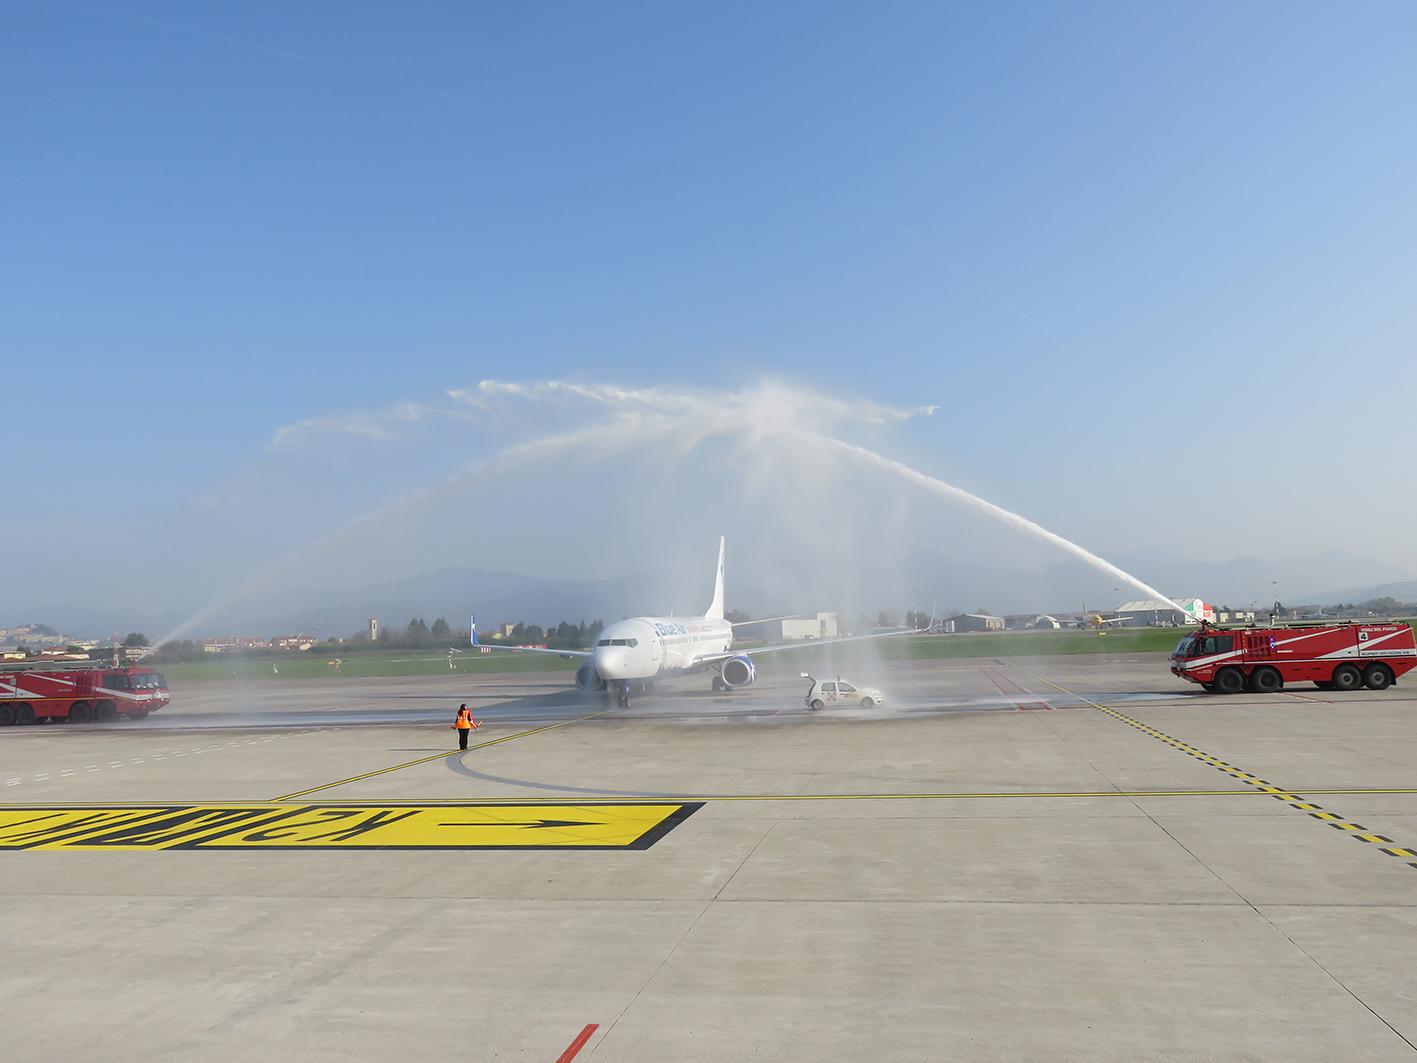 Aeroporto Orio : Aeroporto sant anna confermata la tratta crotone orio al serio